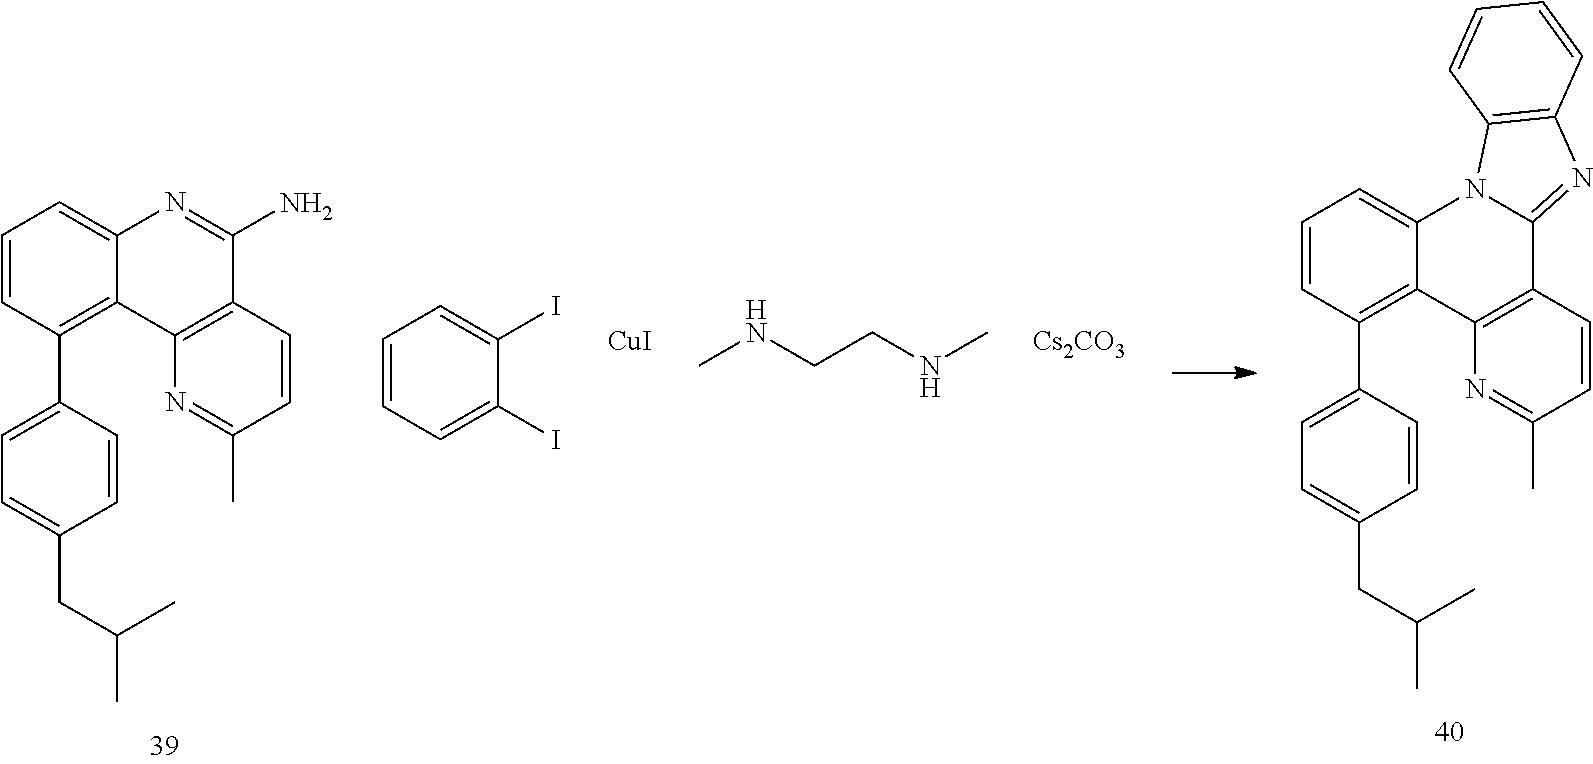 Figure US09905785-20180227-C00416